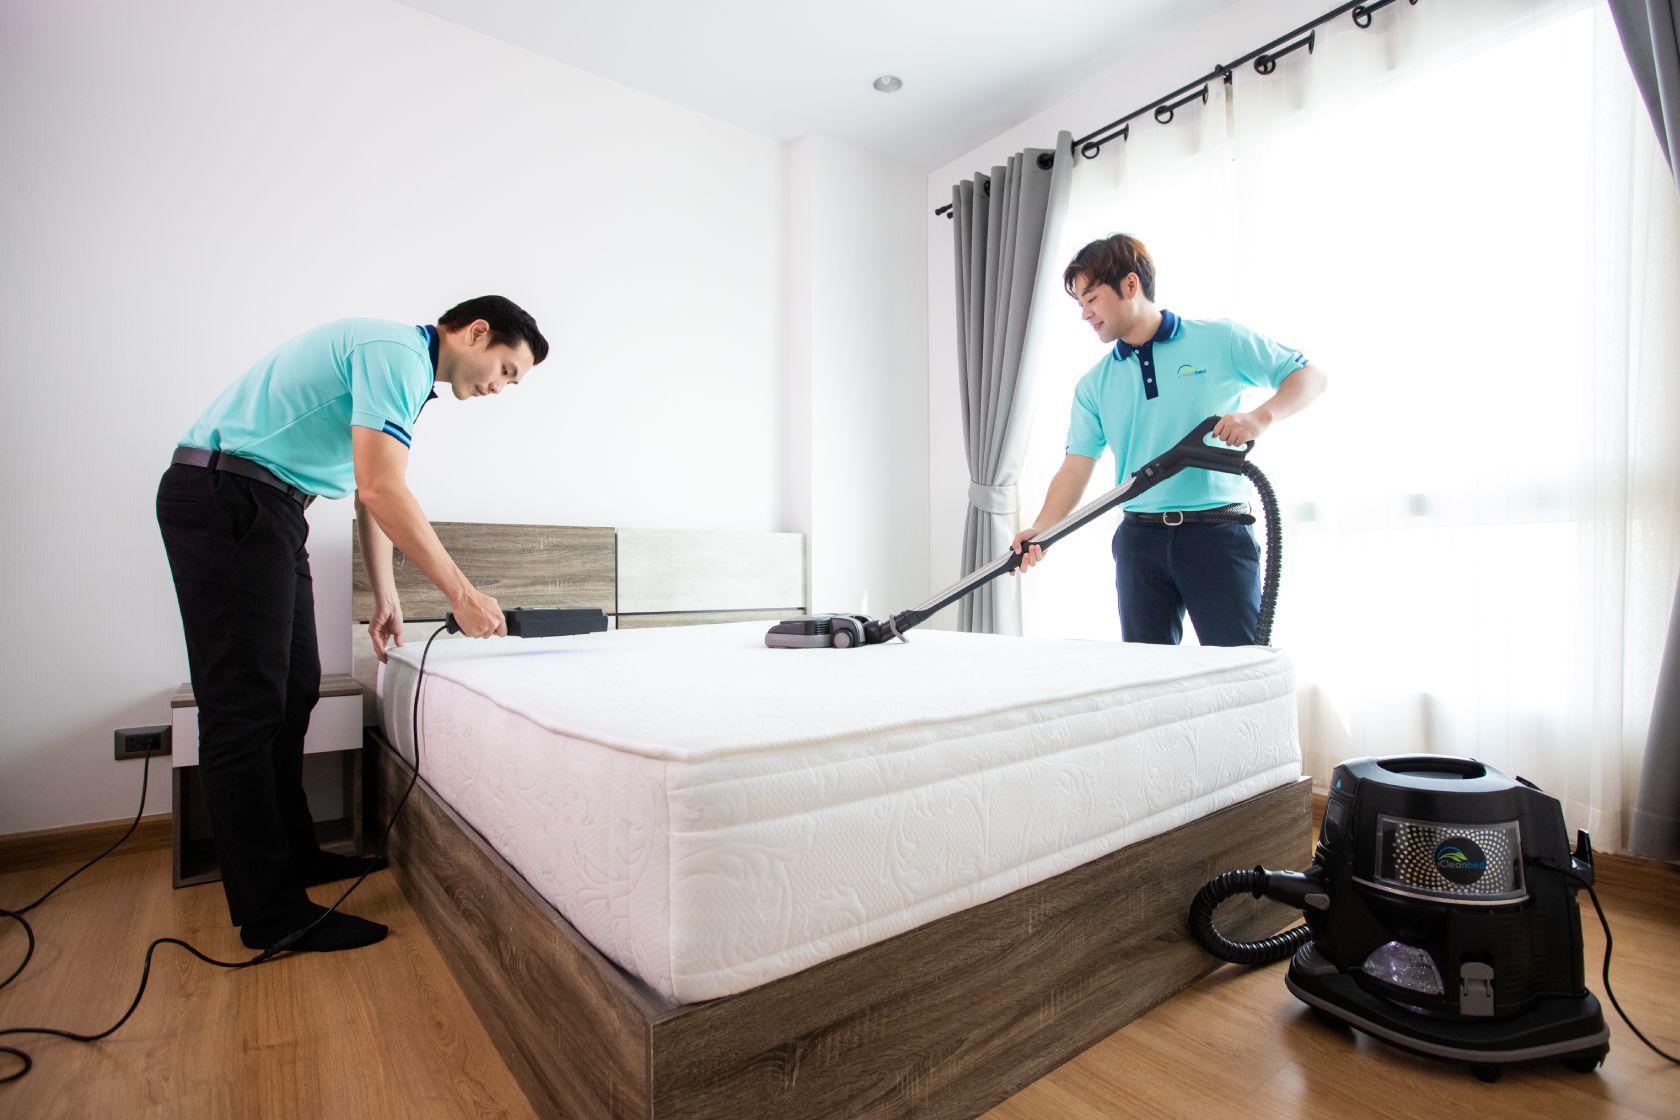 ผู้นำด้านการทำความสะอาดที่นอน